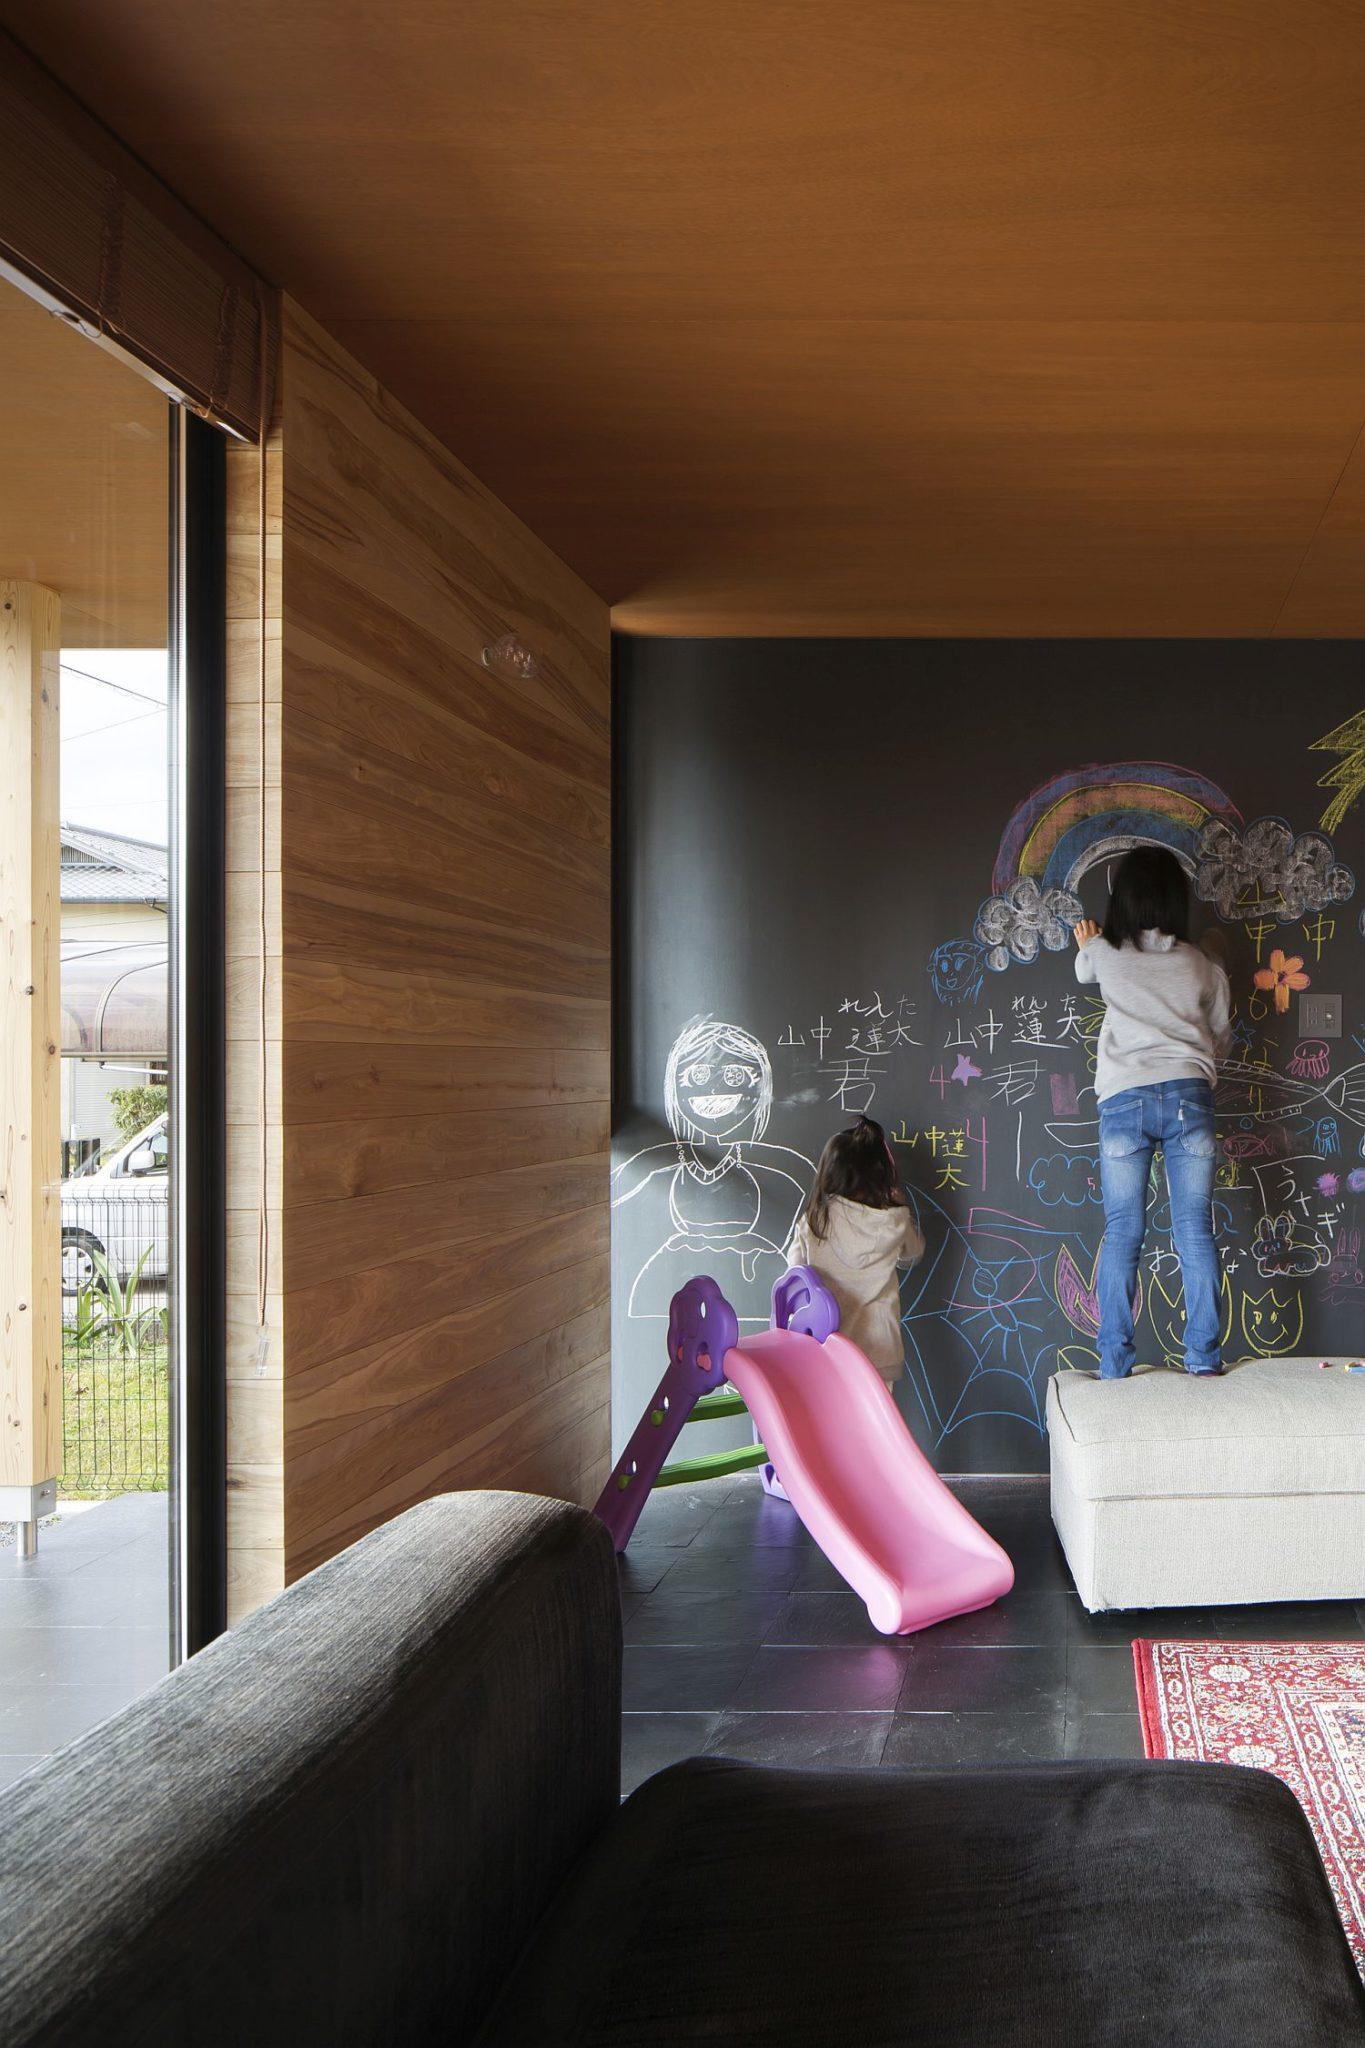 Fun kids' play area with chalkboard wall